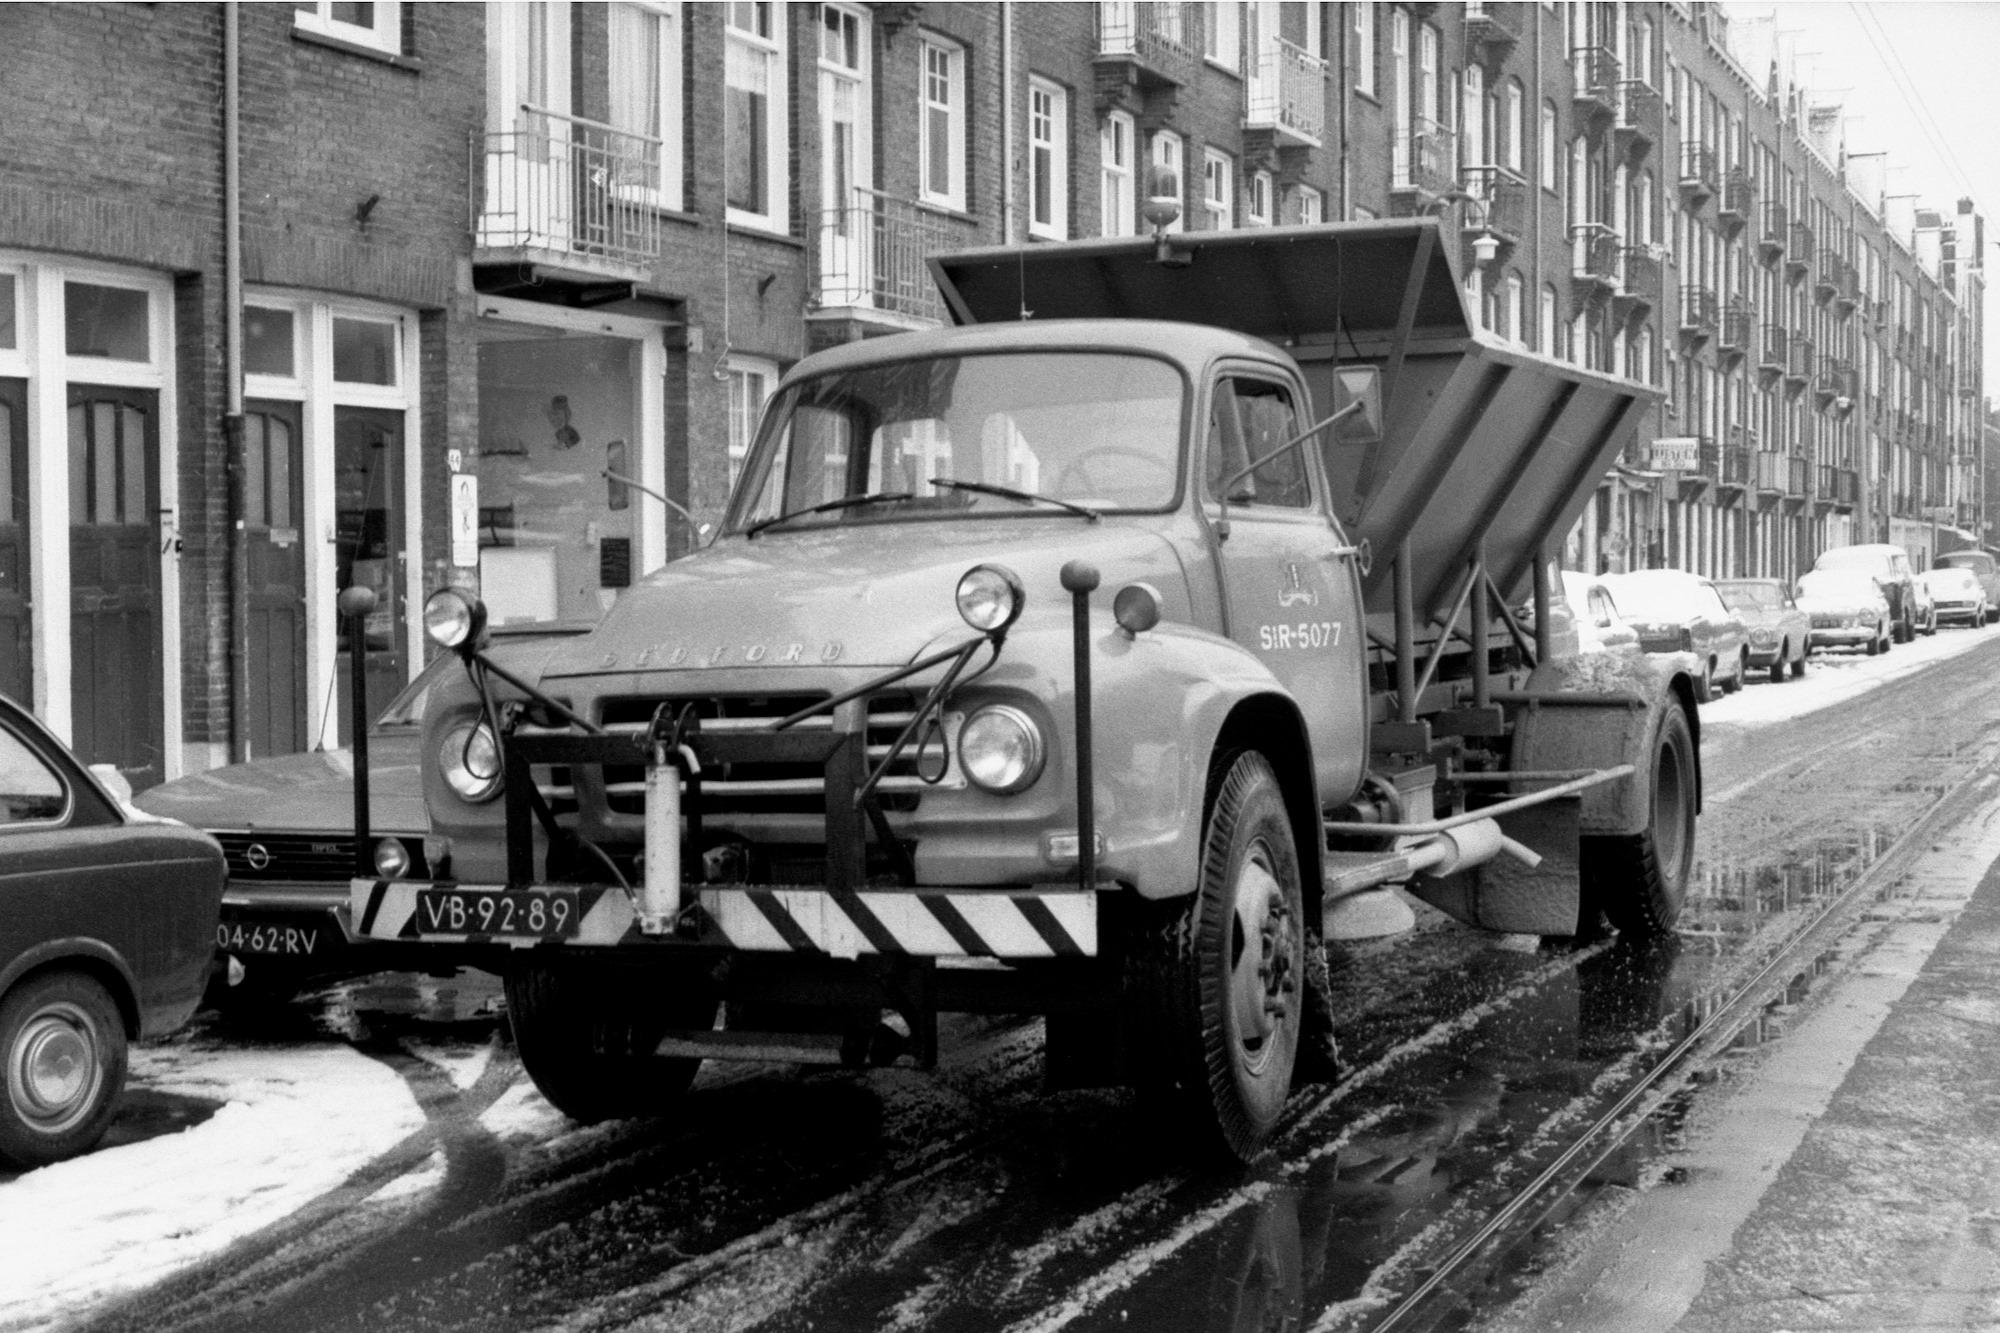 1974-Amsterdam-Vaartstraat-Strooidienst-SR-5077